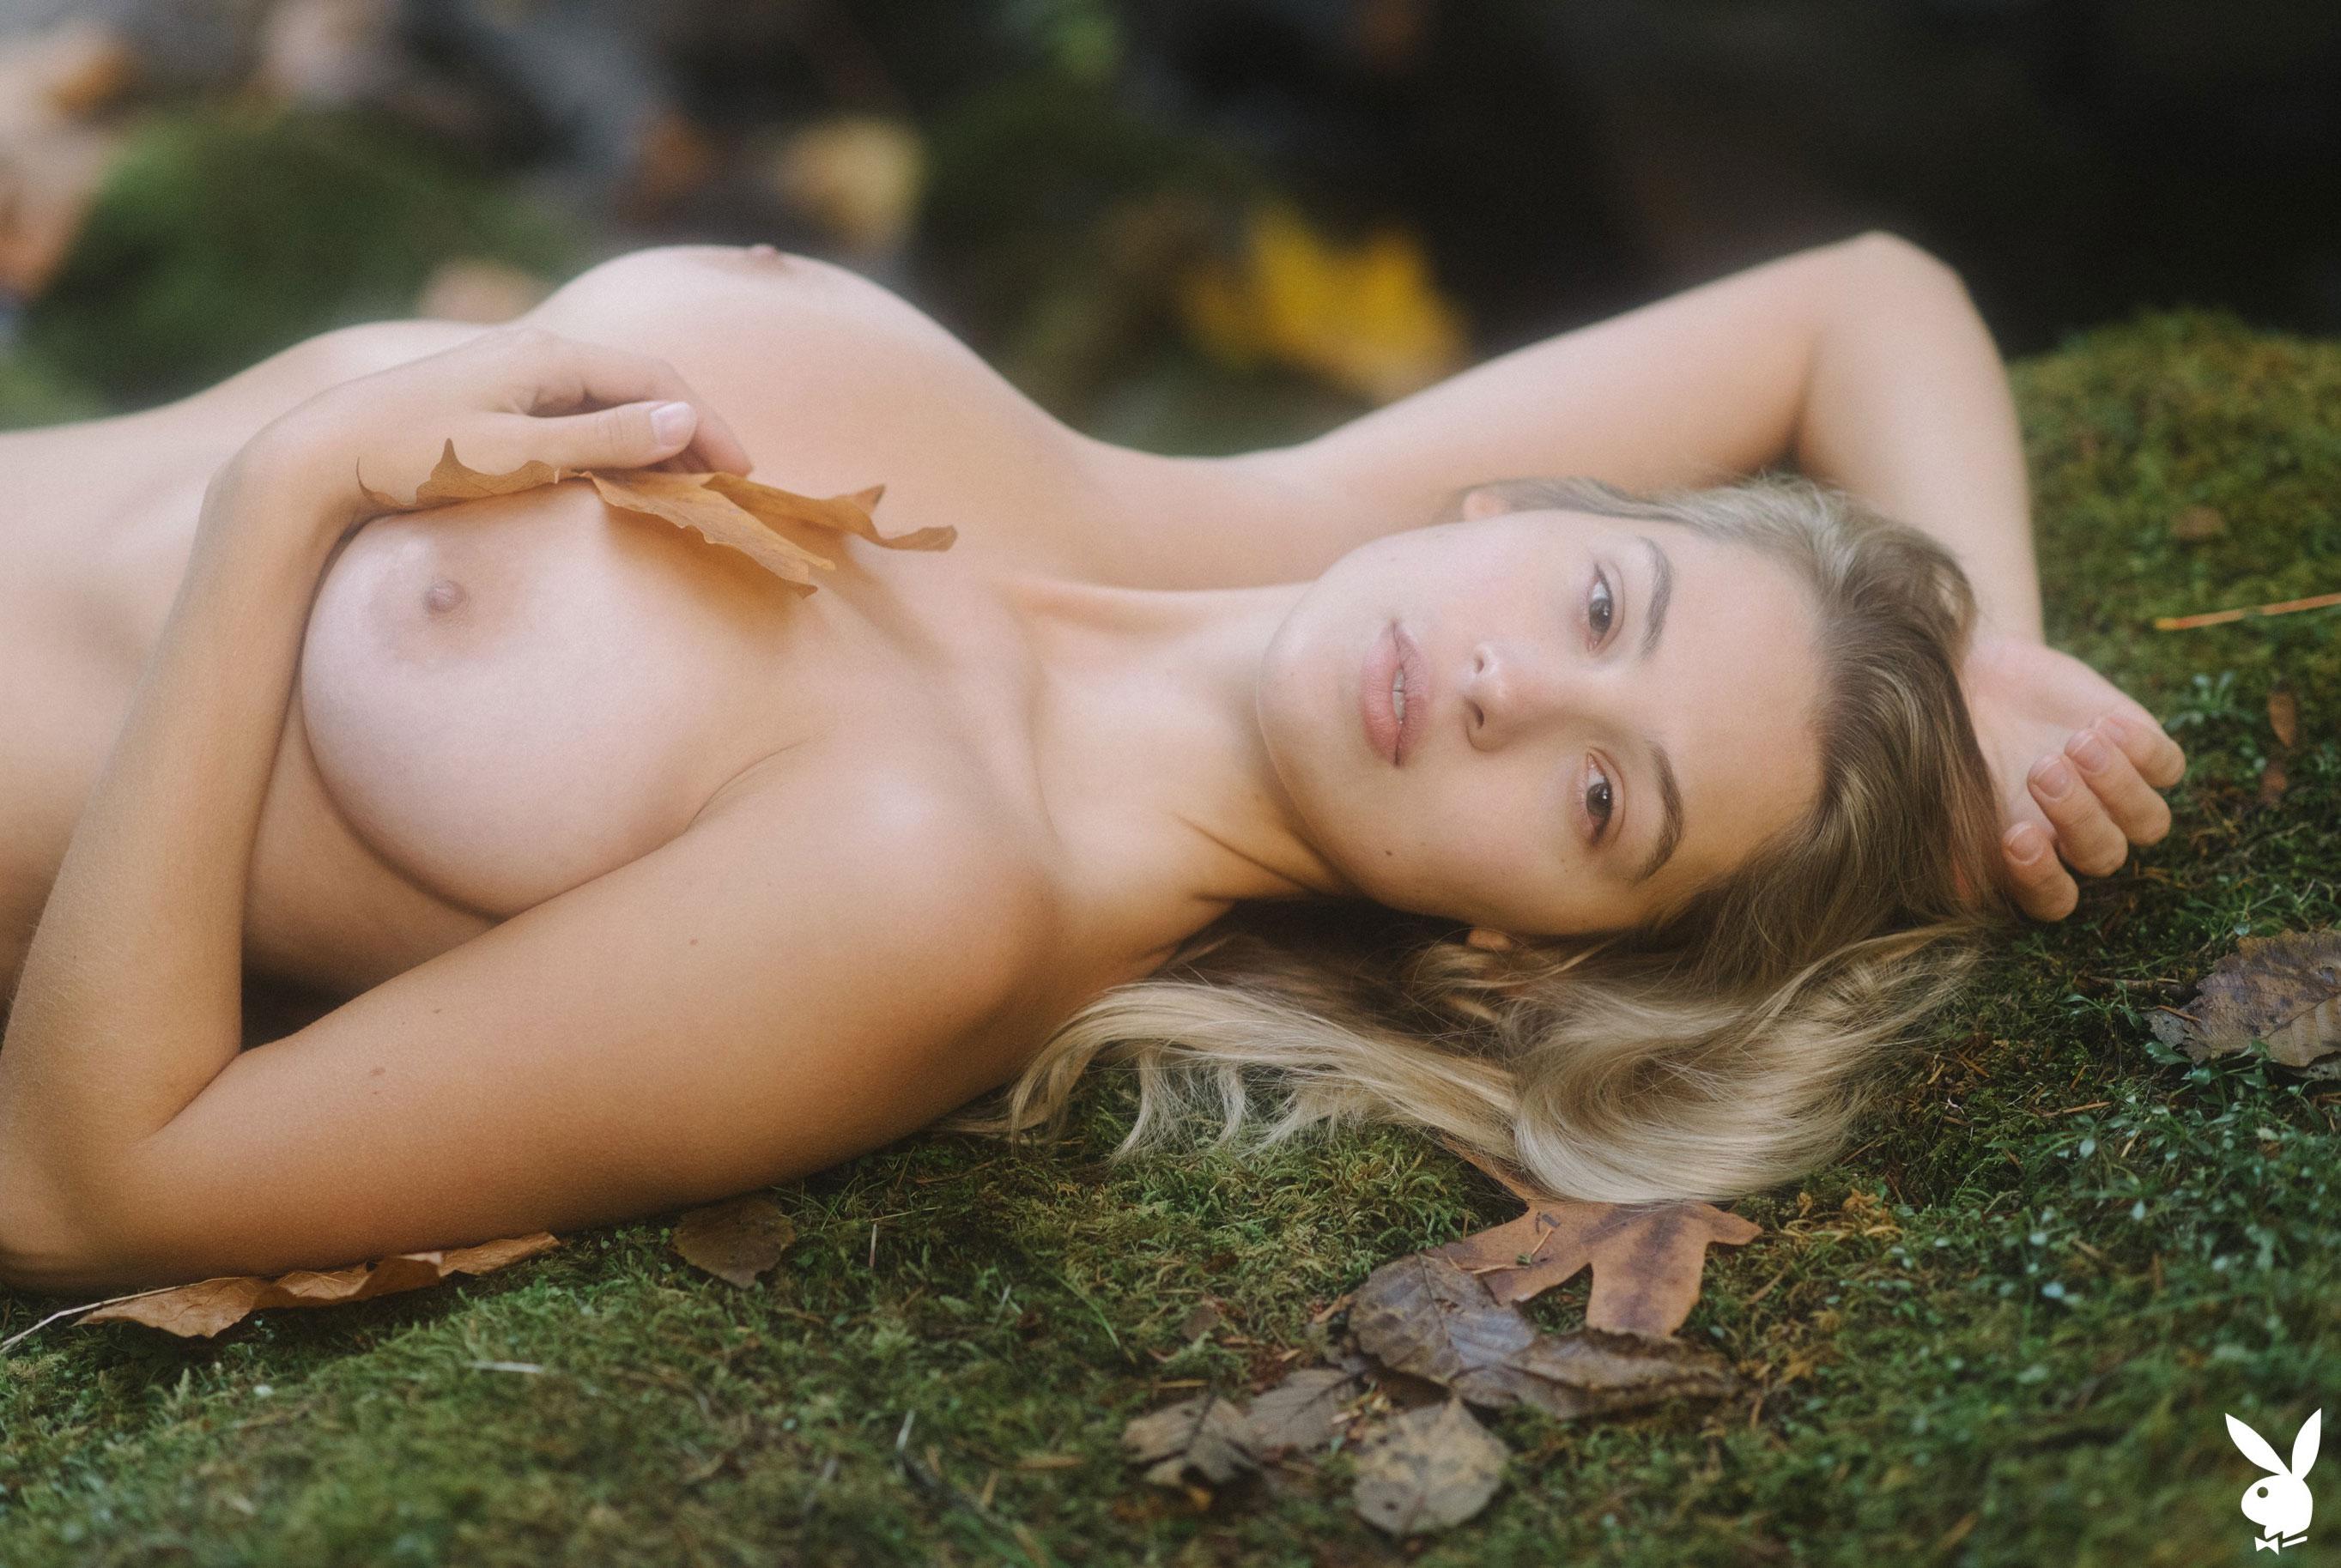 Меган Мур - Девушка месяца февраль 2019 Playboy США / фото 04